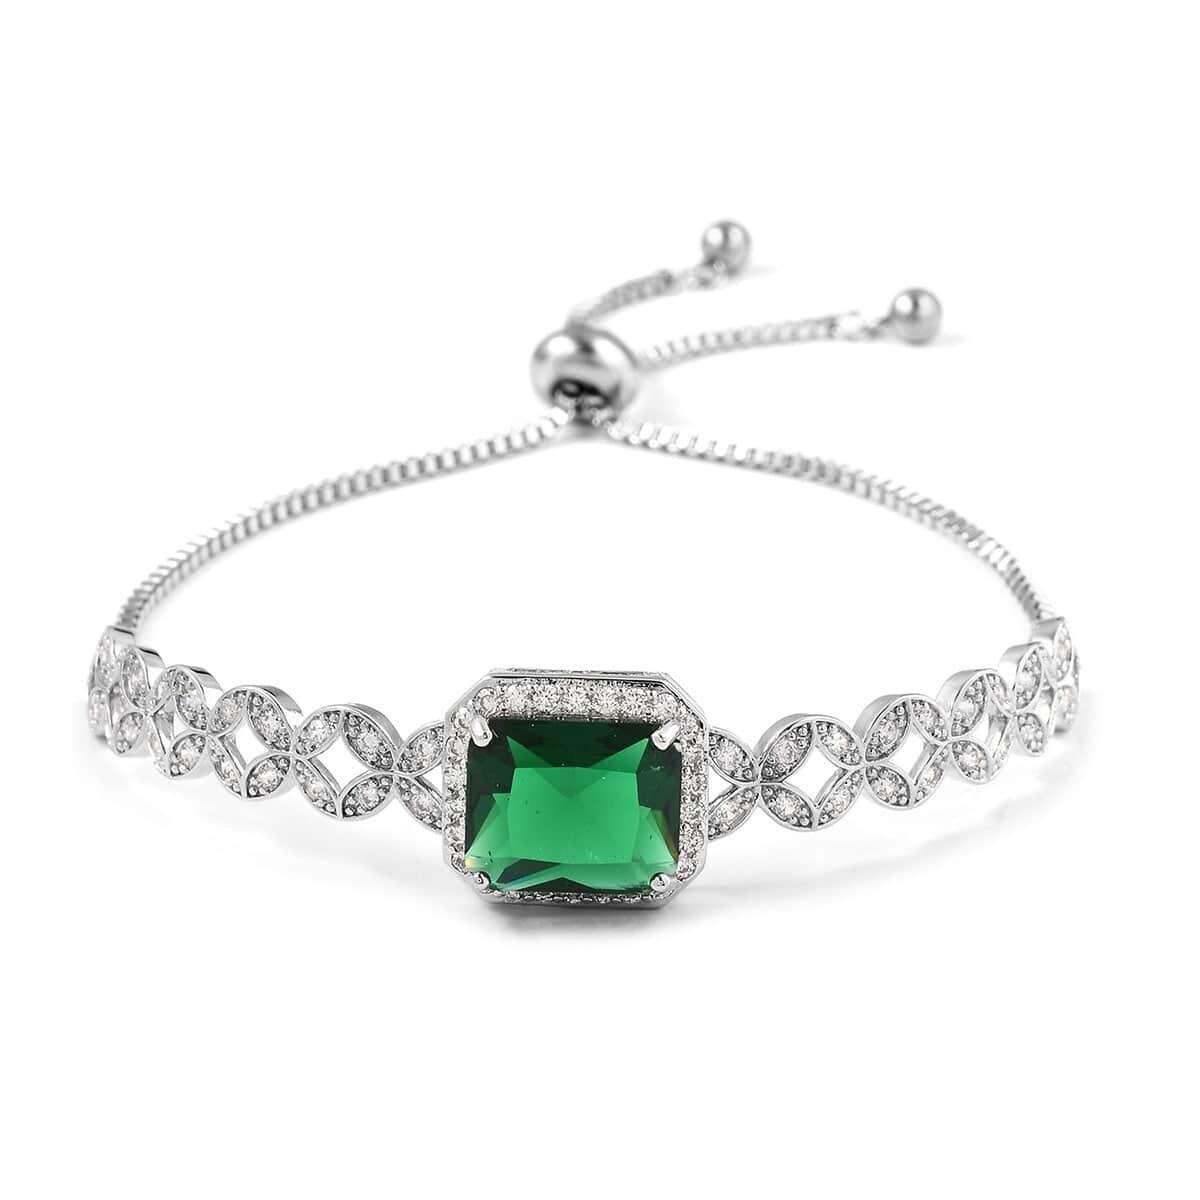 12-Color-Options-Cubic-Zirconia-Bracelet-Chain-Pendant-Necklace-Set-Adjustable thumbnail 29